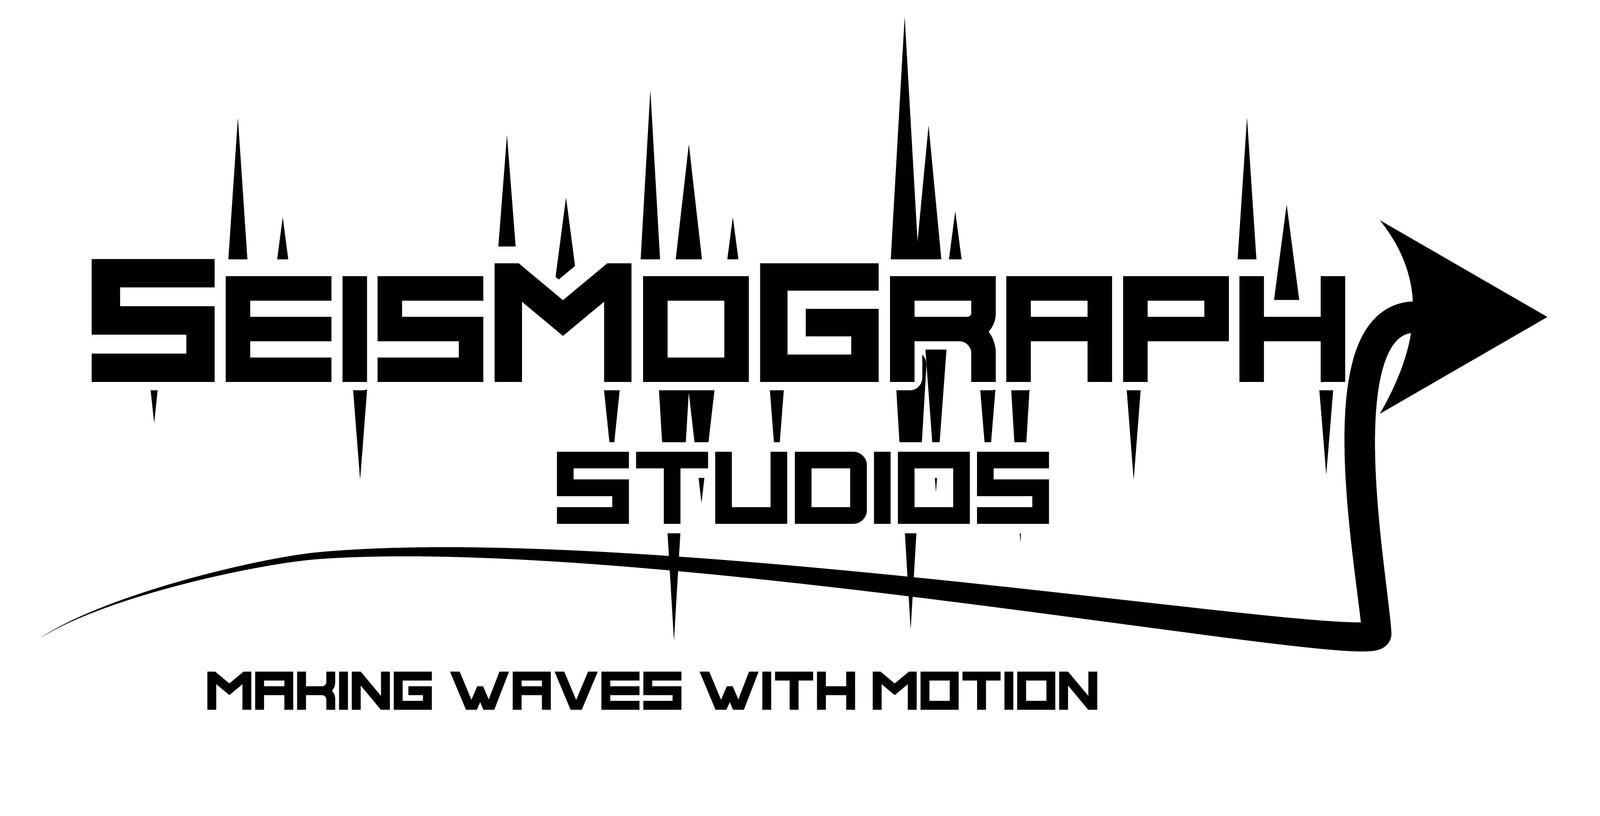 Seismograph logo design concept